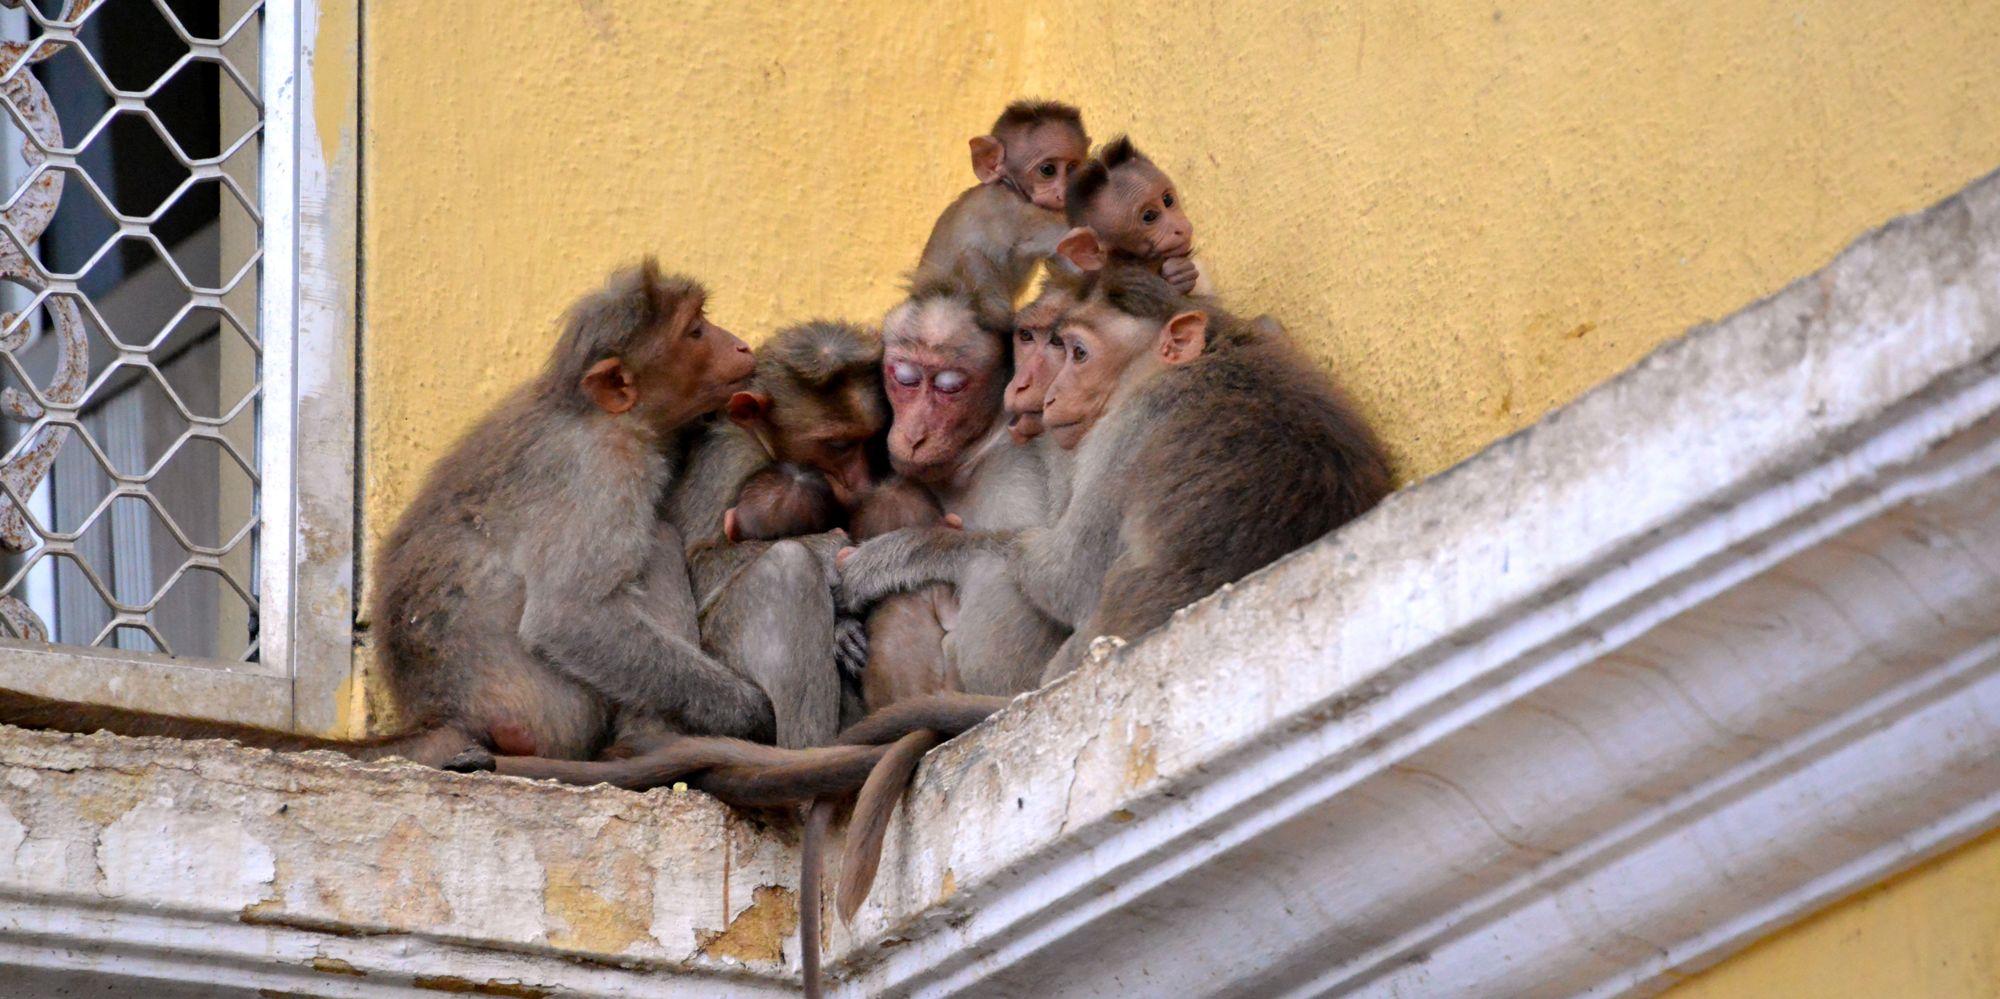 Group of Monkeys, Mysore, bangalore,mysore Photo Gallery